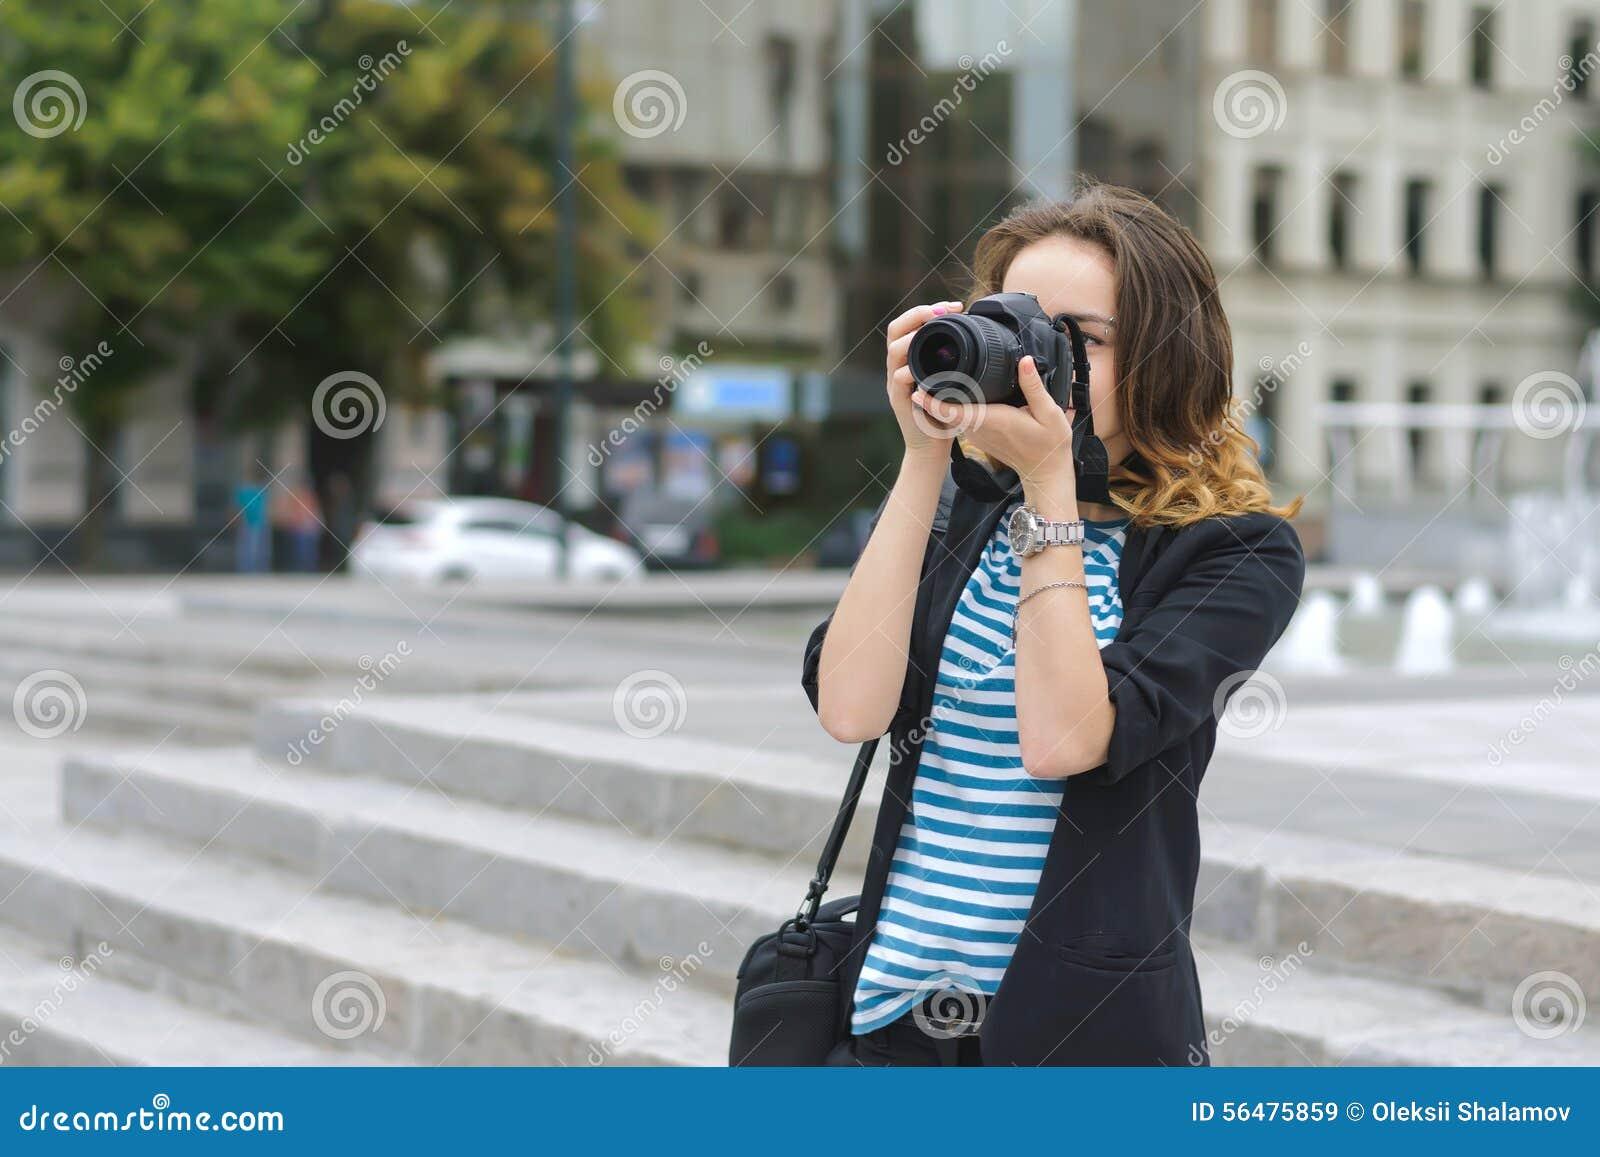 La femme avec un appareil-photo photographie la ville